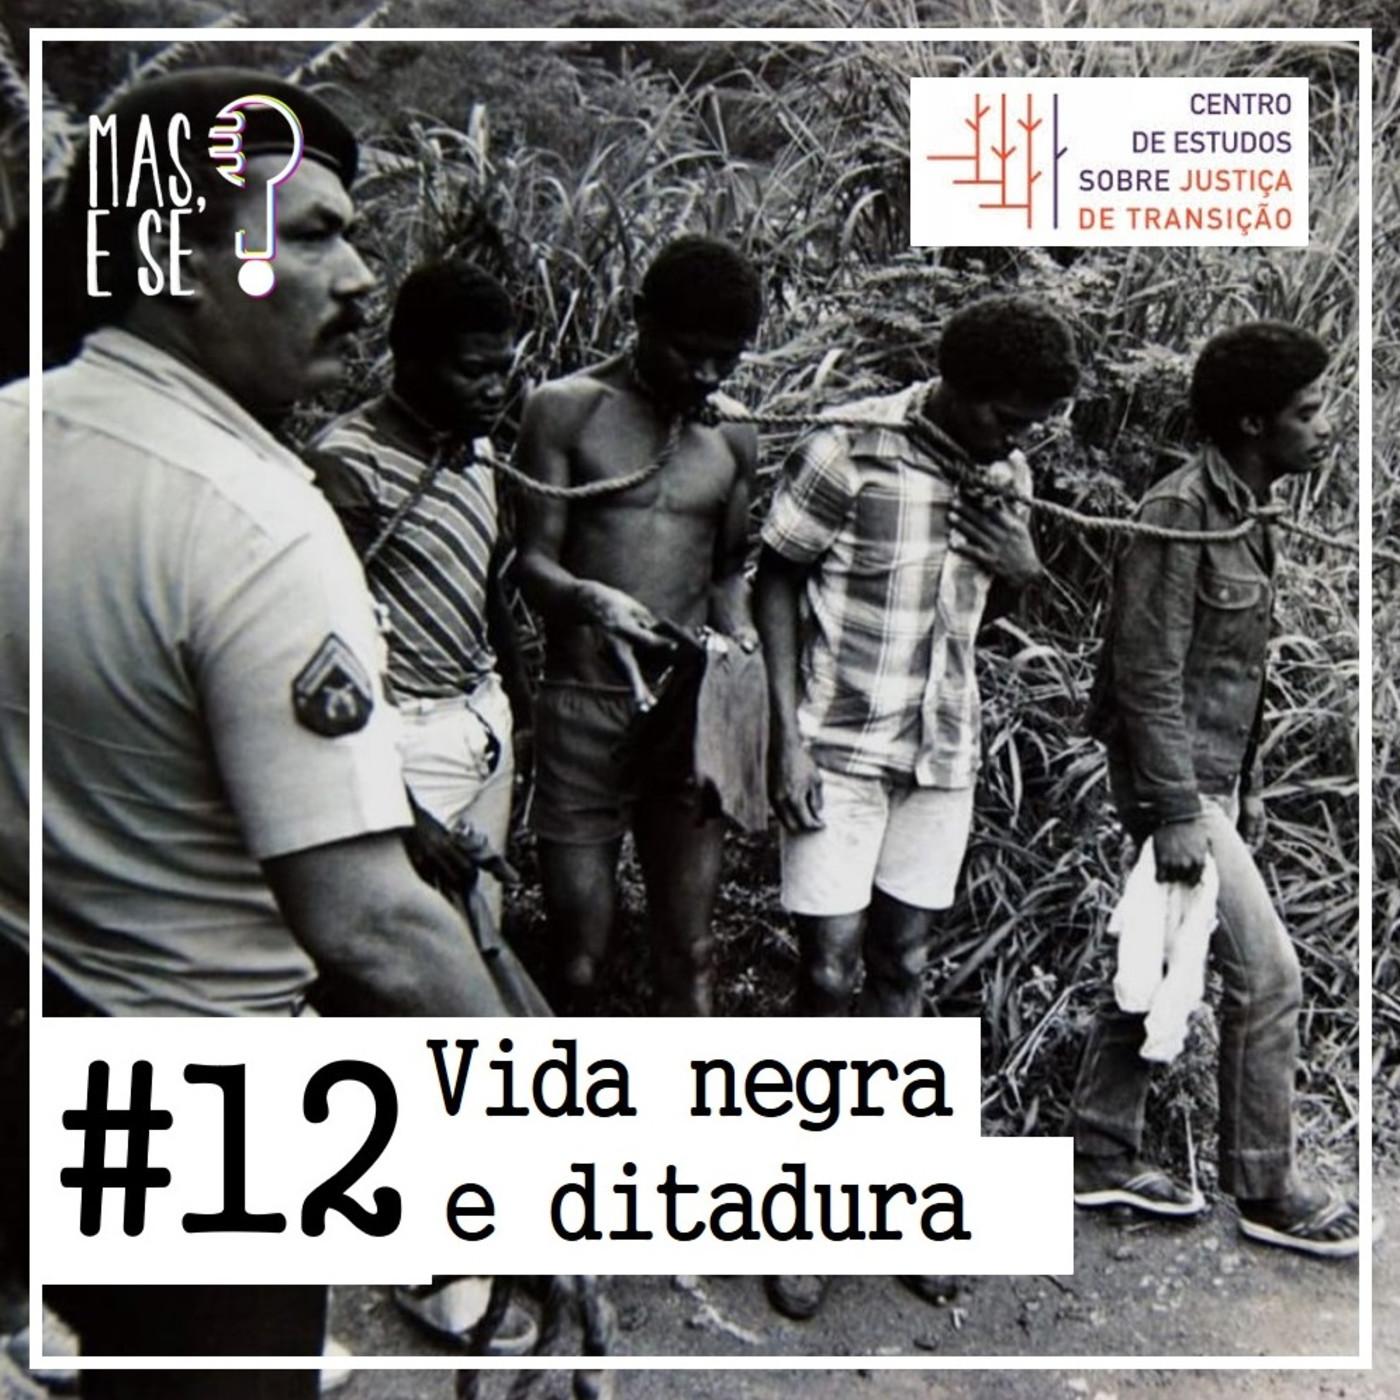 Mas e se? #12 Vida negra e ditadura